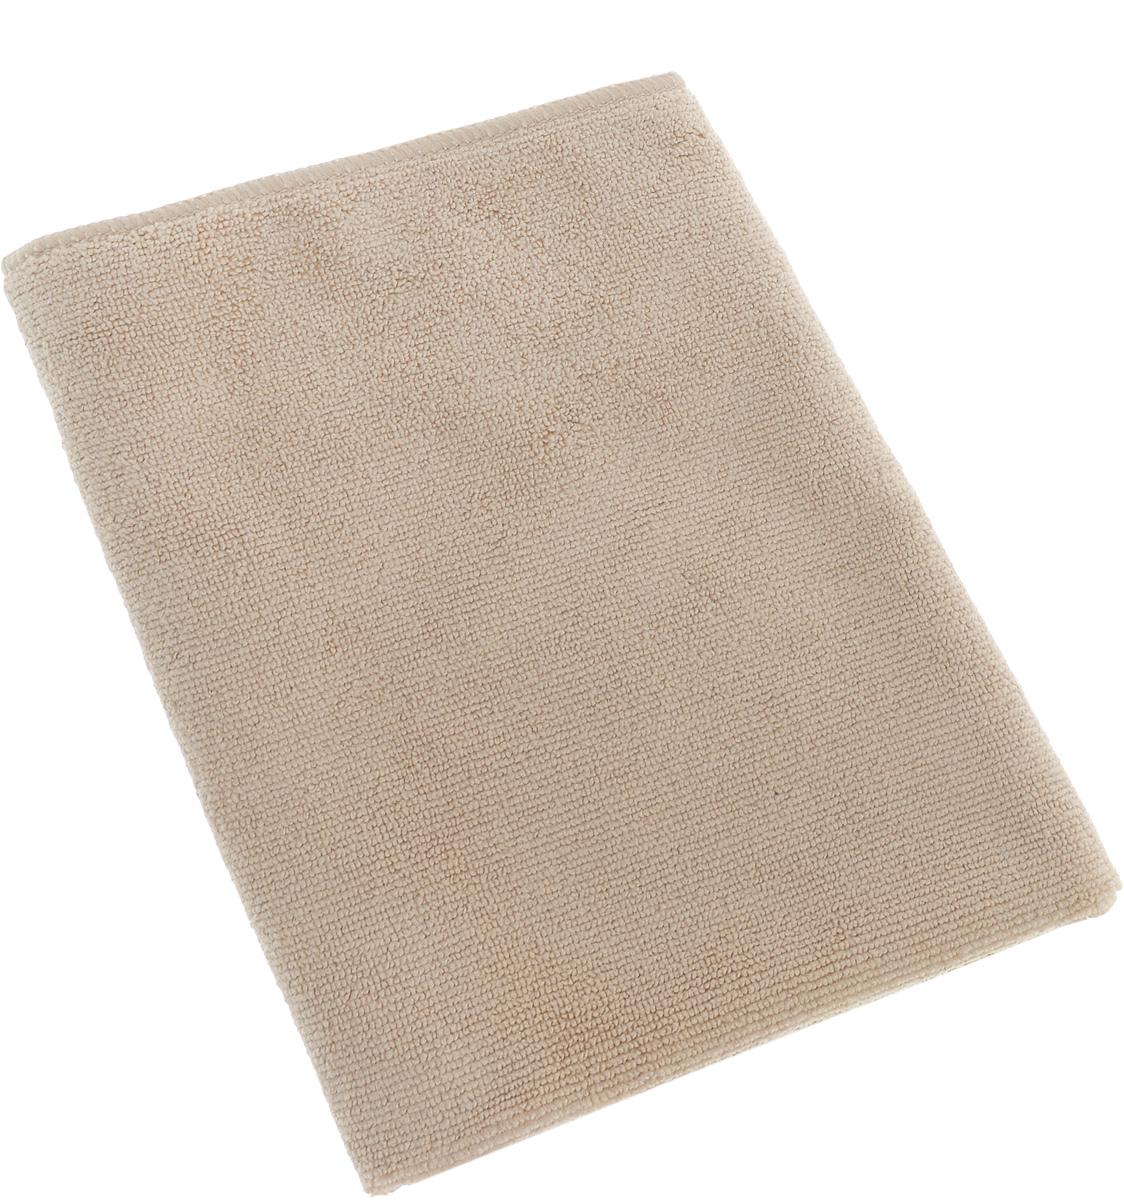 Салфетка для кухни Soavita, цвет: бежевый, 30 х 30 см63850Салфетка Soavita выполнена из микрофайбера (80% полиэстер и 20% полиамид). Изделие отлично впитывает влагу, быстро сохнет, сохраняет яркость цвета и не теряет форму даже после многократных стирок. Салфетка подходит для вытирания легких загрязнений и полировки. Протертая поверхность становится идеально чистой, сухой и блестящей. Такая салфетка очень практична и неприхотлива в уходе. Рекомендуется стирка при температуре 40°C.